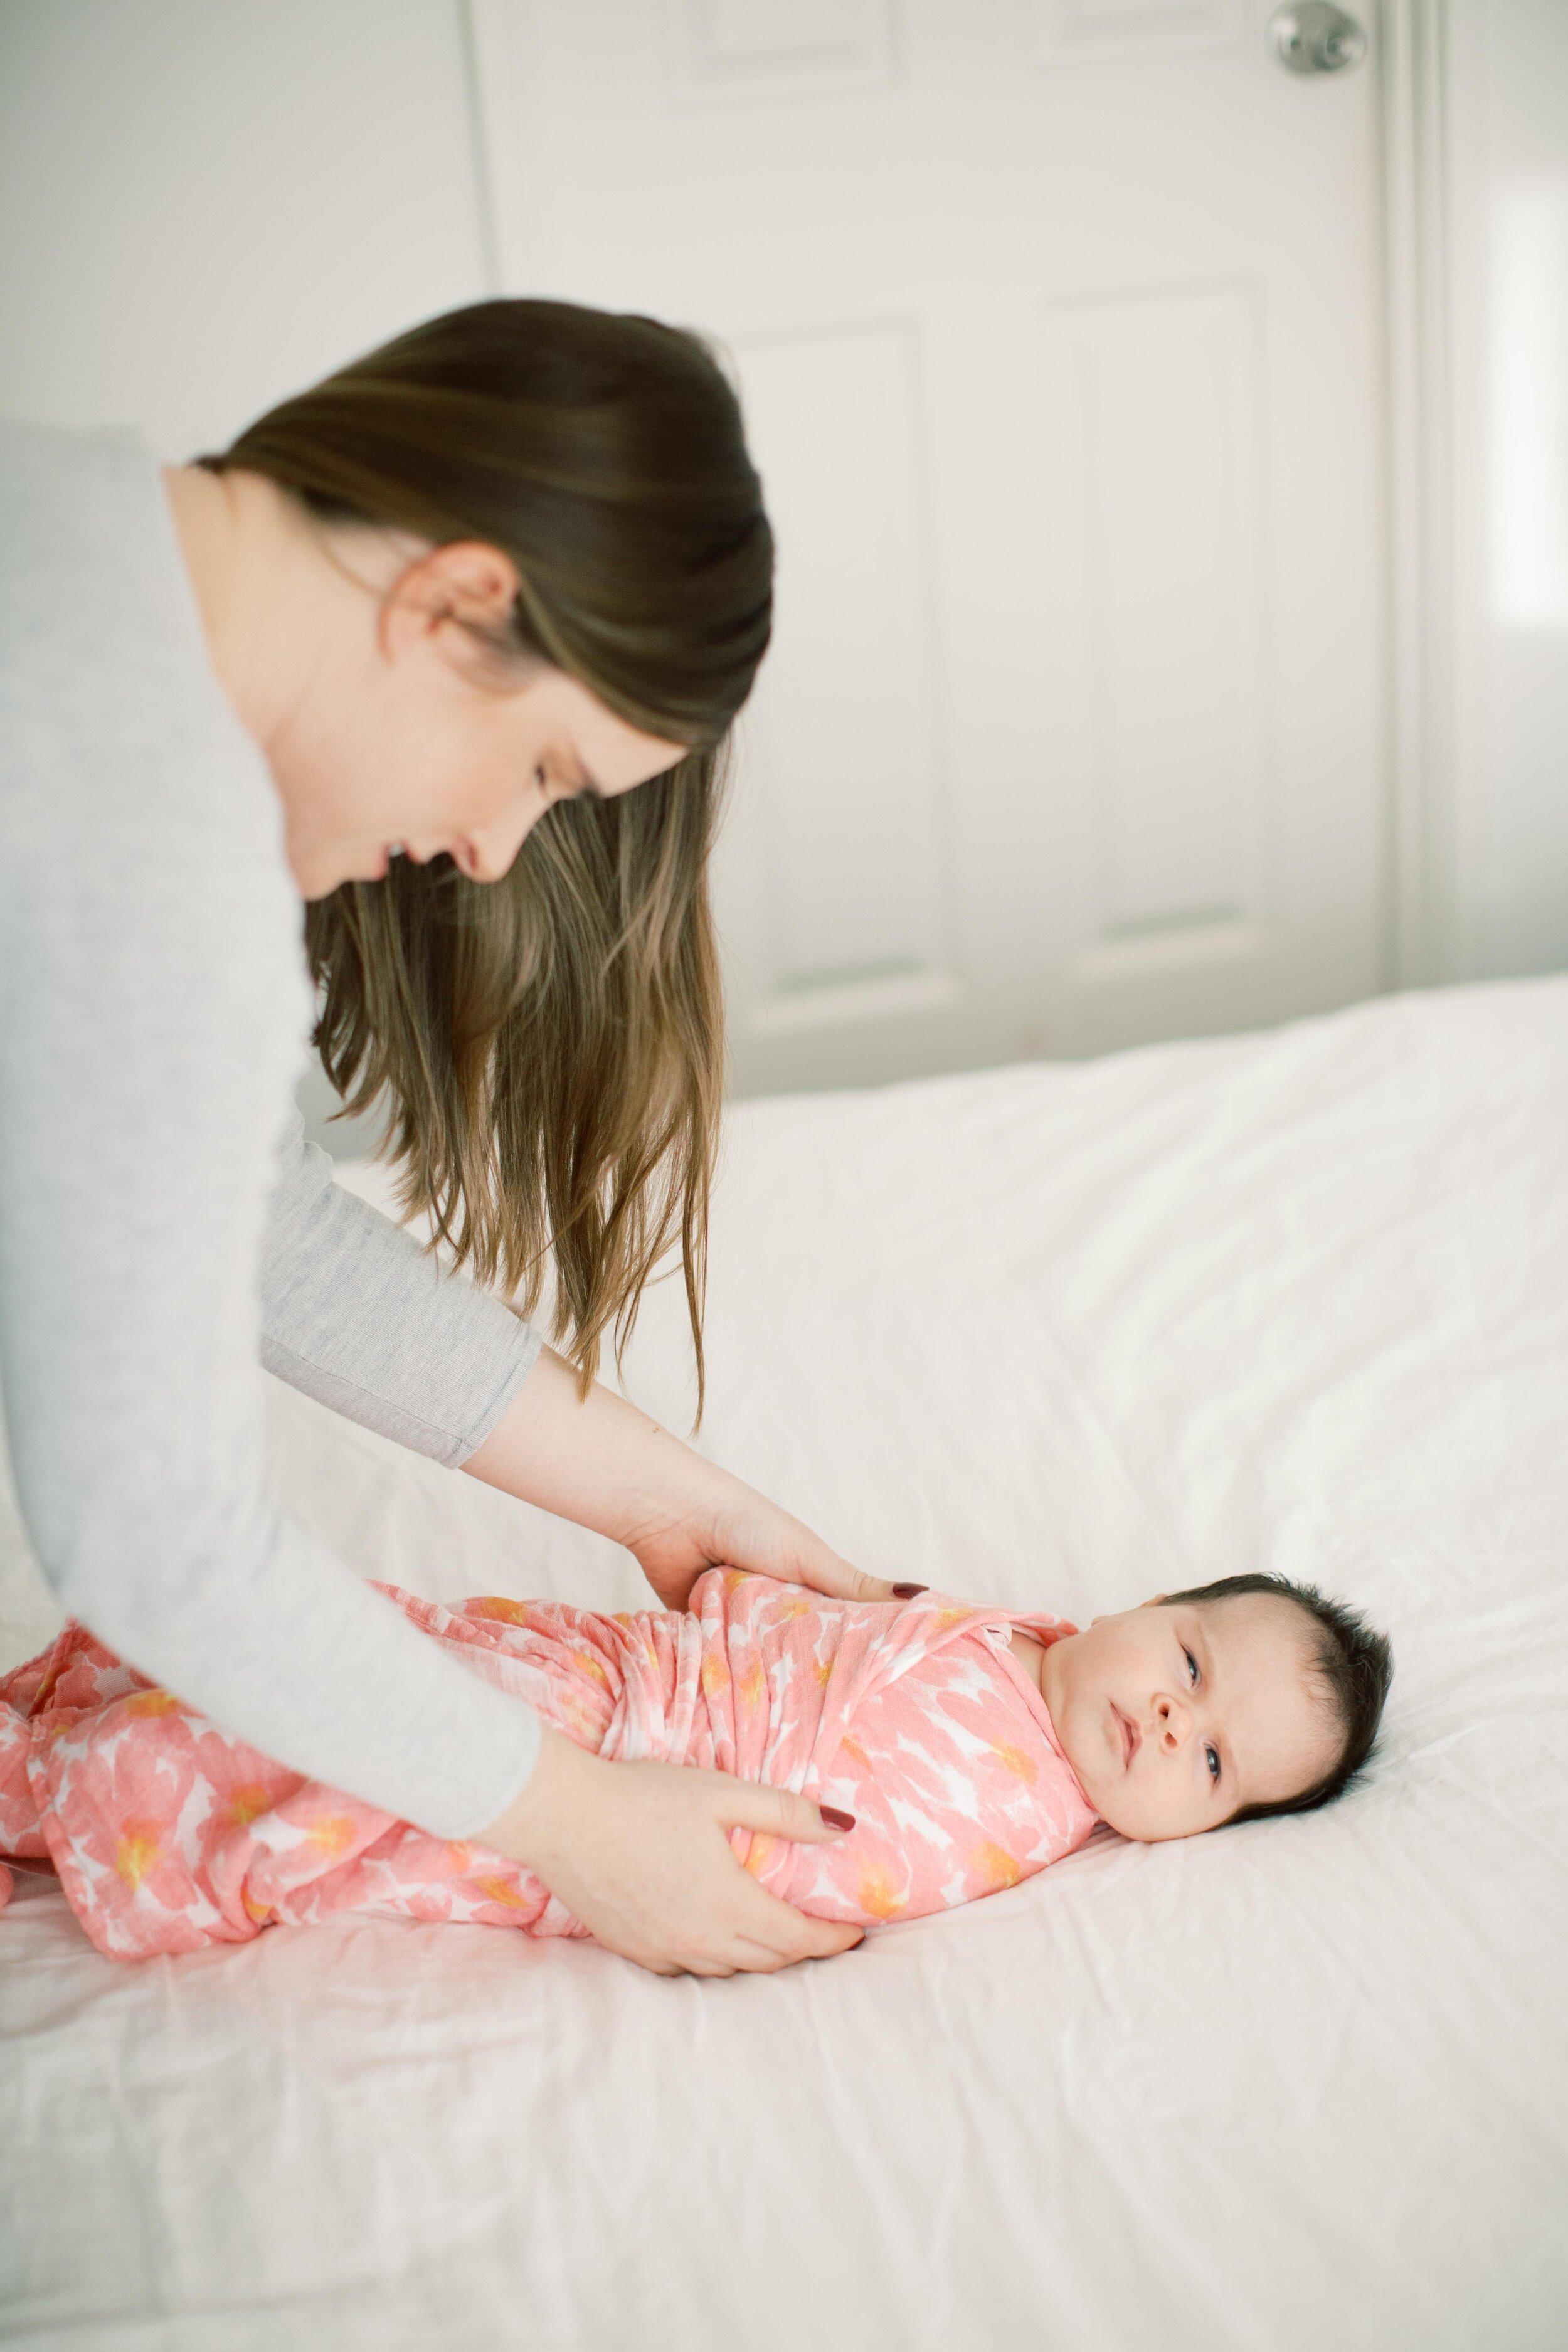 ameliaclairephotography_babytasmin-1-13.jpeg